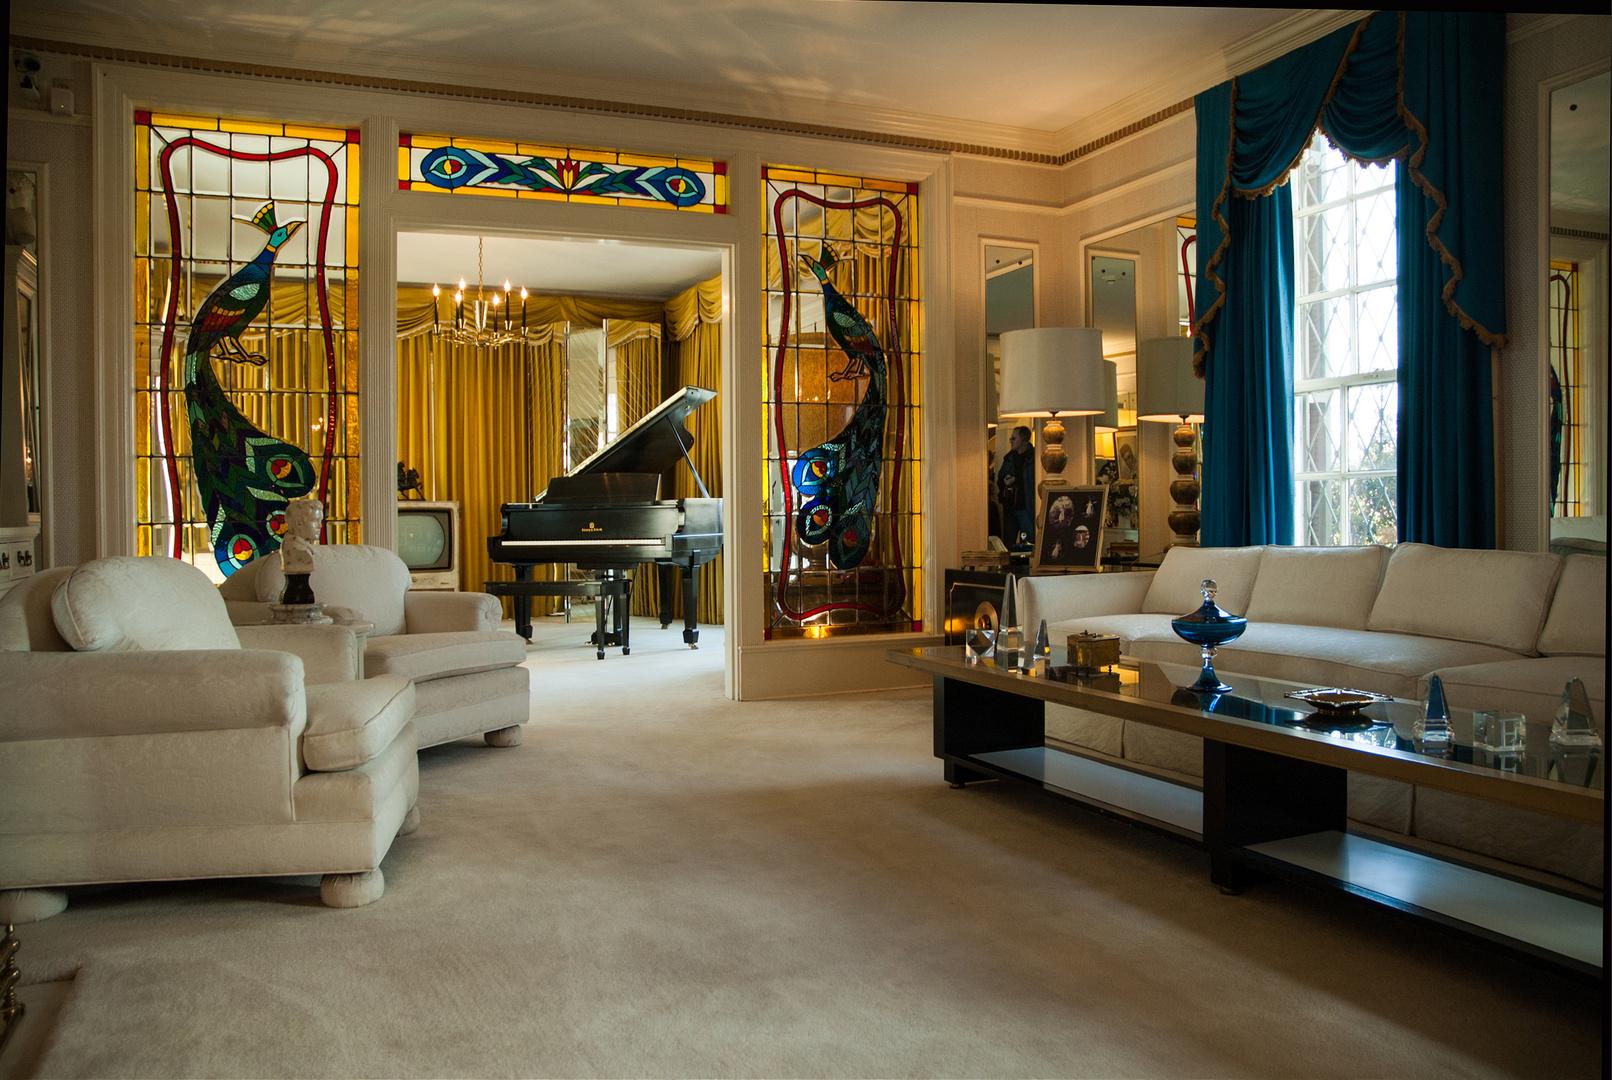 Wohnzimmer Villa Graceland Elvis Presley Foto & Bild ...